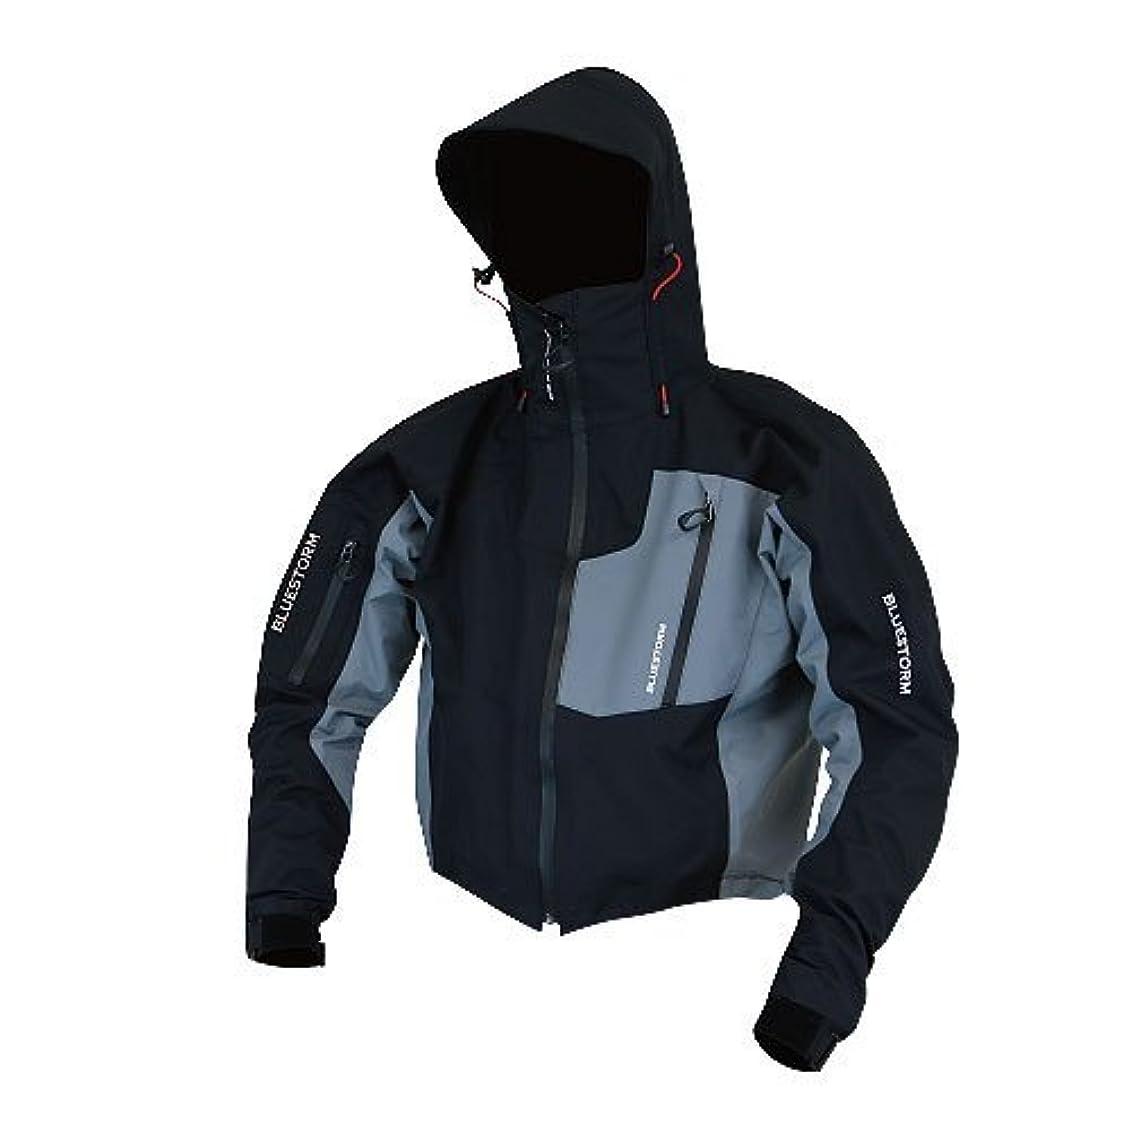 入射群れ広告主リプナー(LIPNER) 防水防寒ジャケット?ウォリー